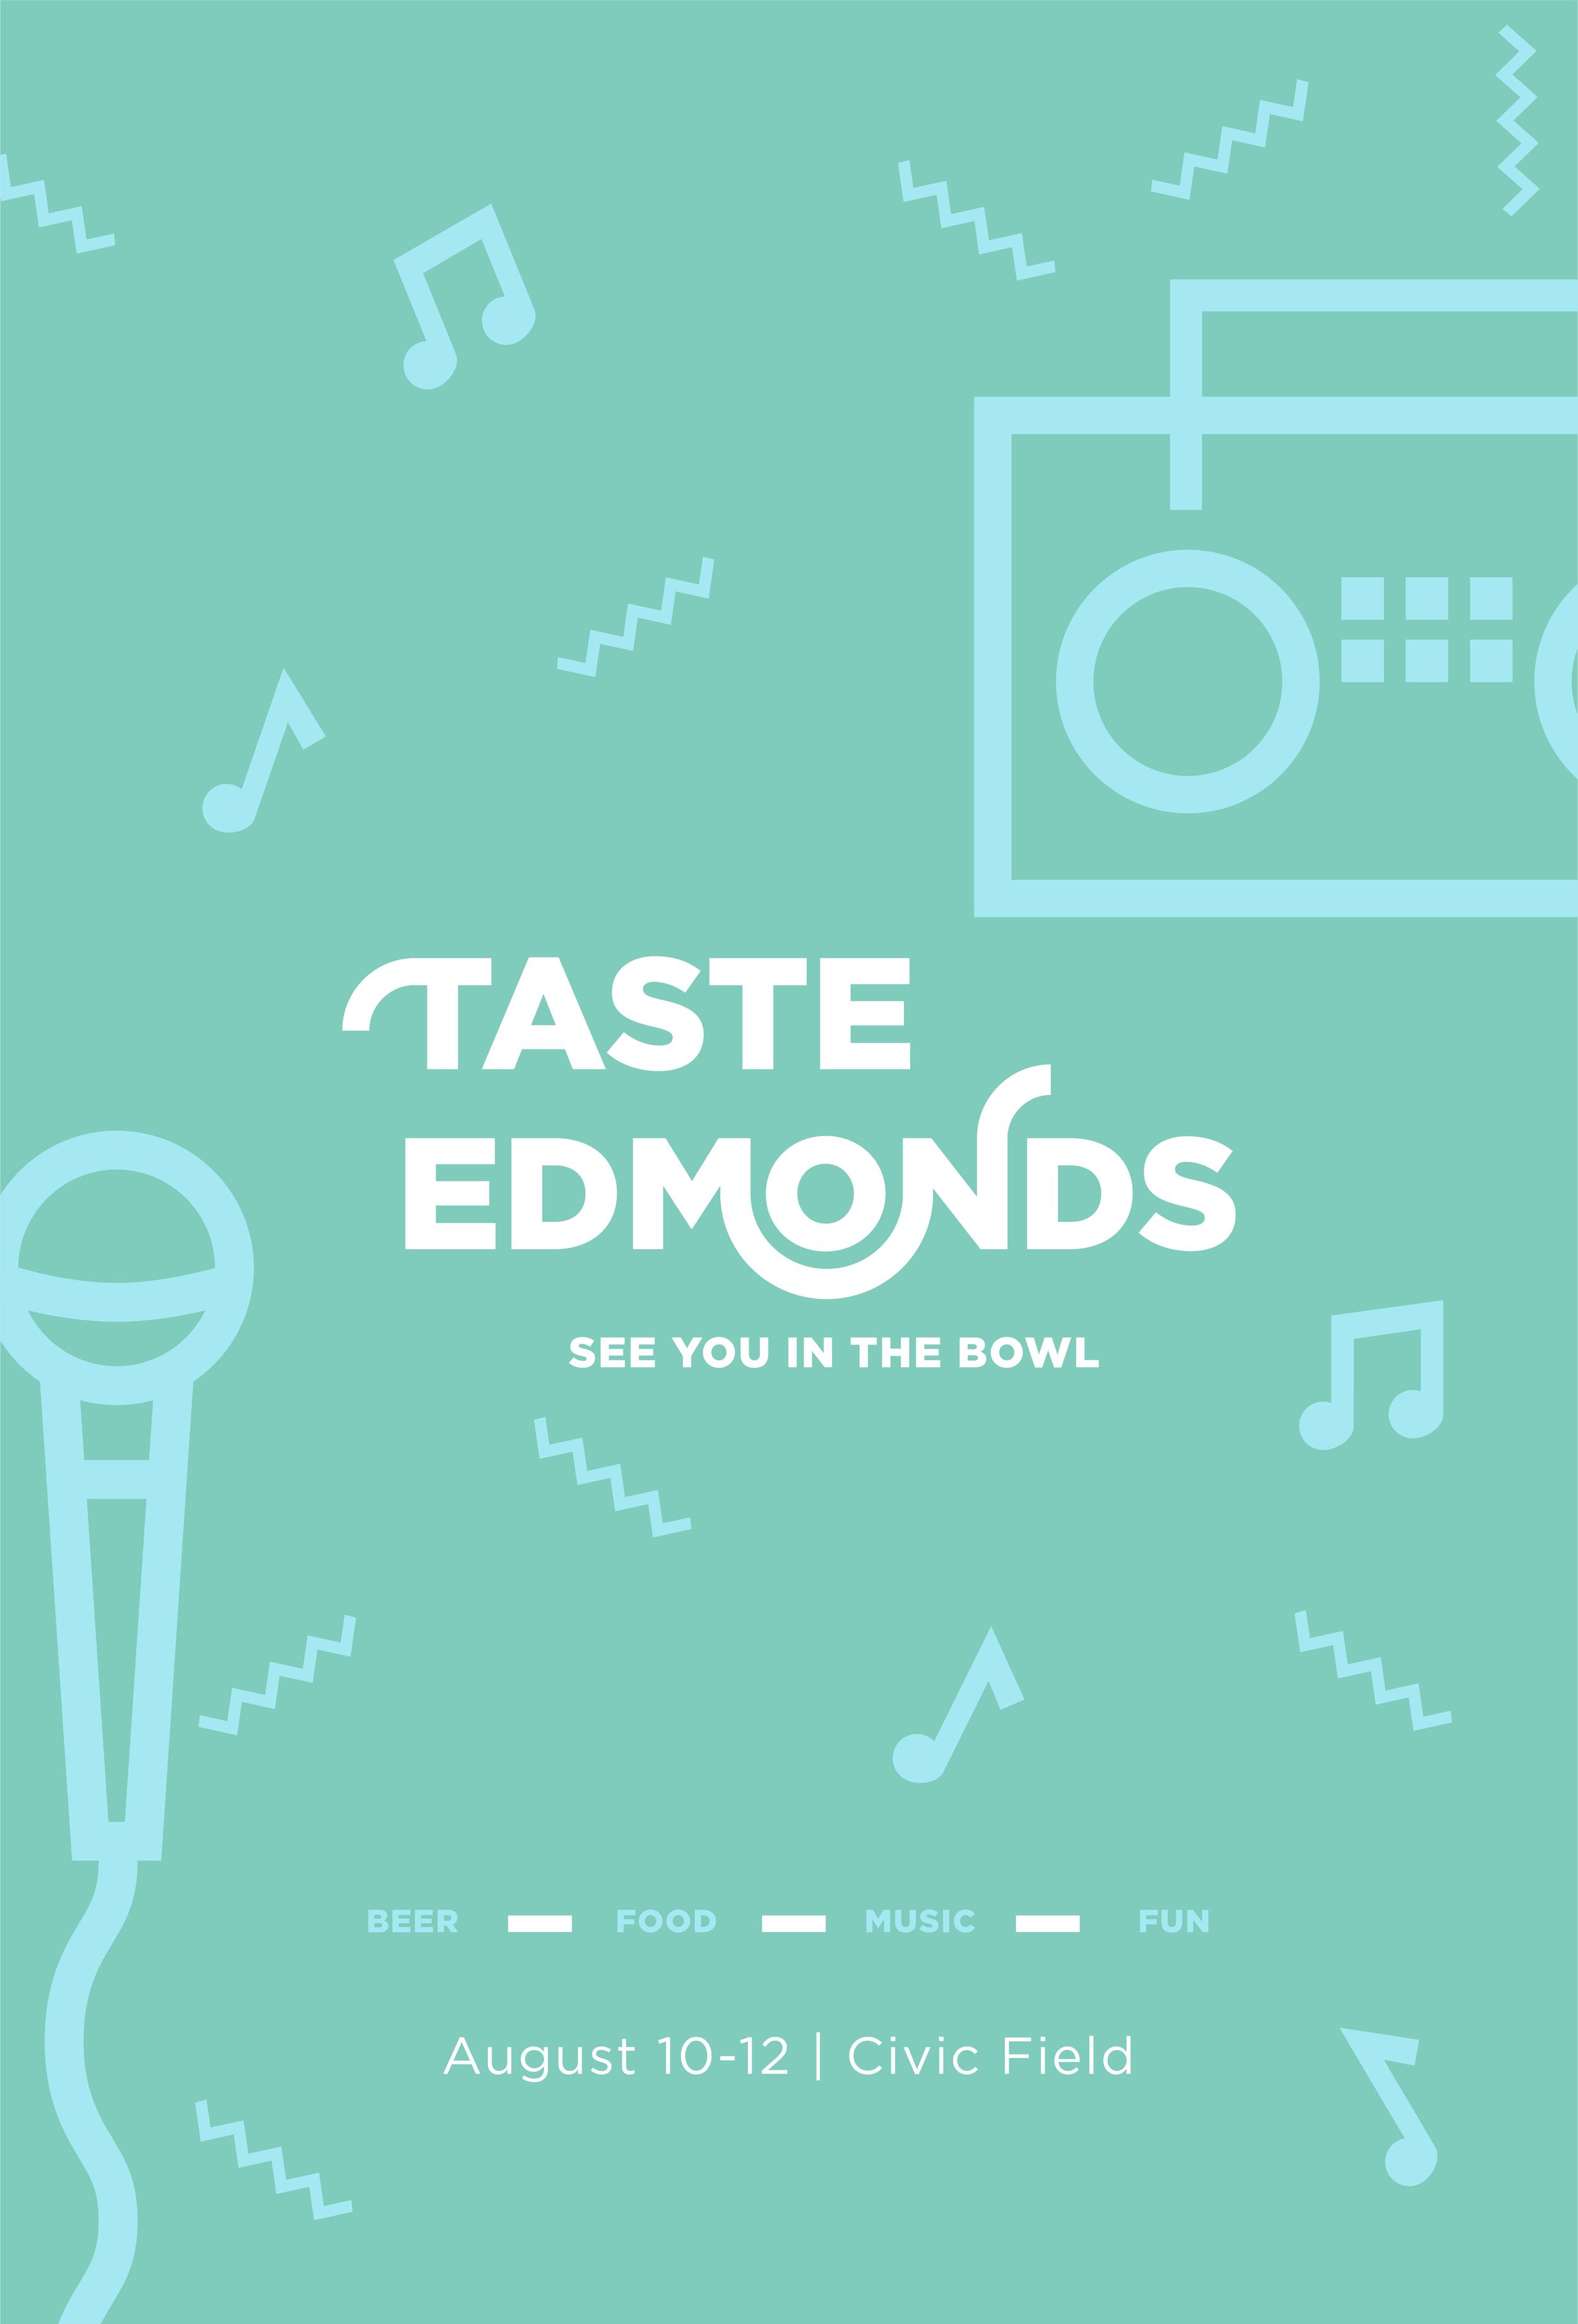 tasteEdmonds_AJH_2-27.png